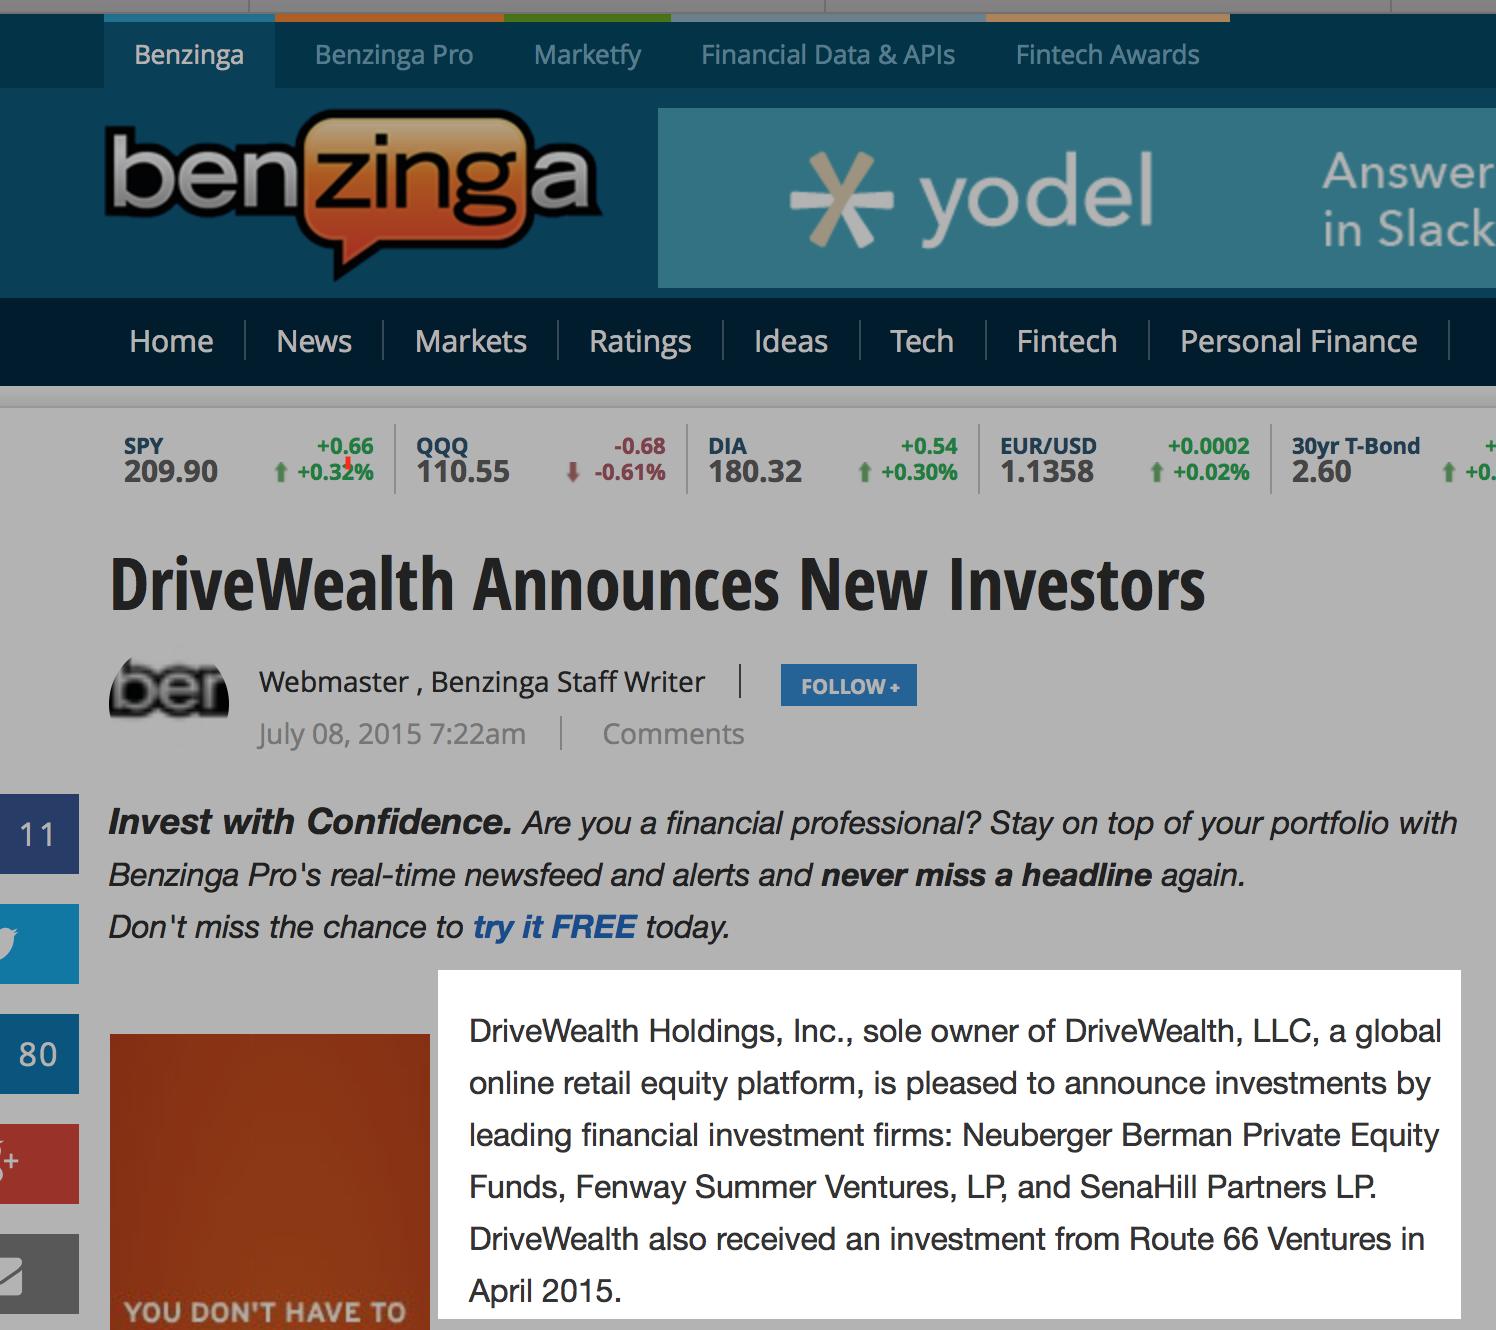 investor dw